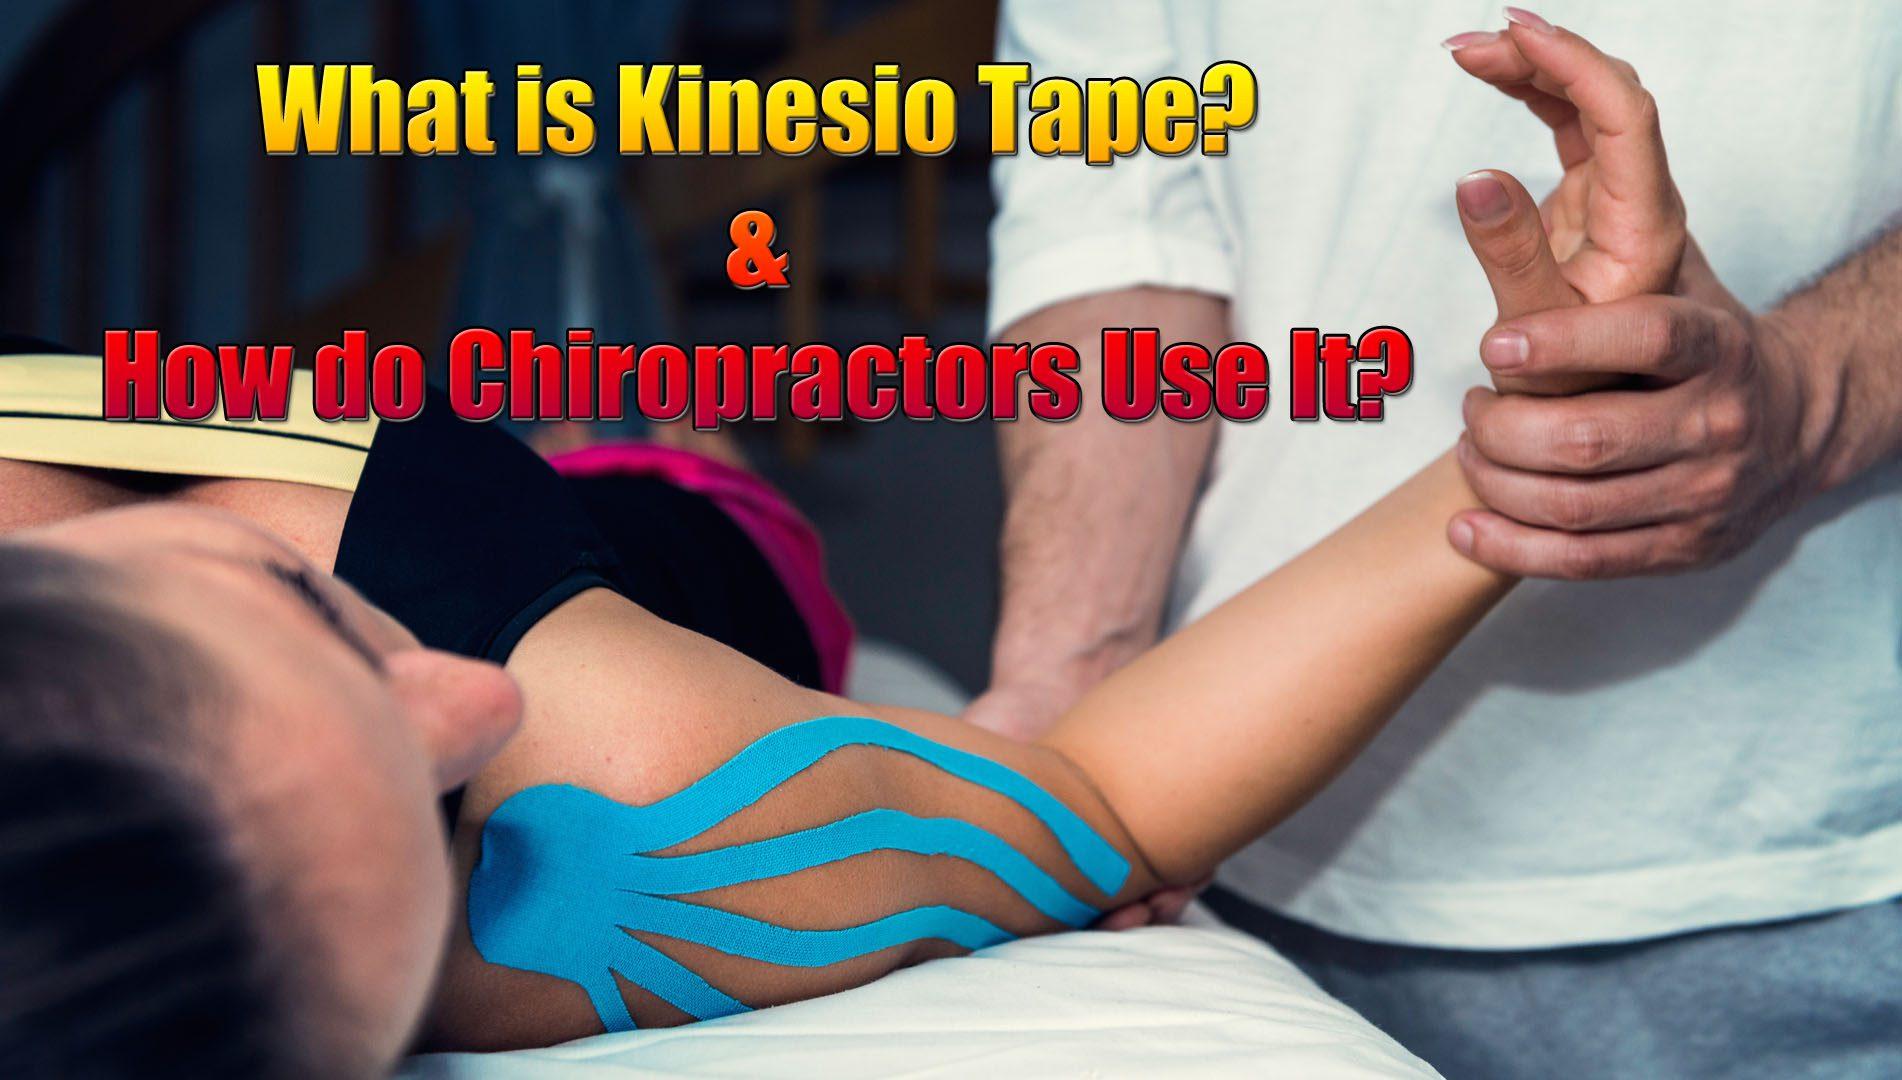 kinesio tape ways of usage el paso tx.